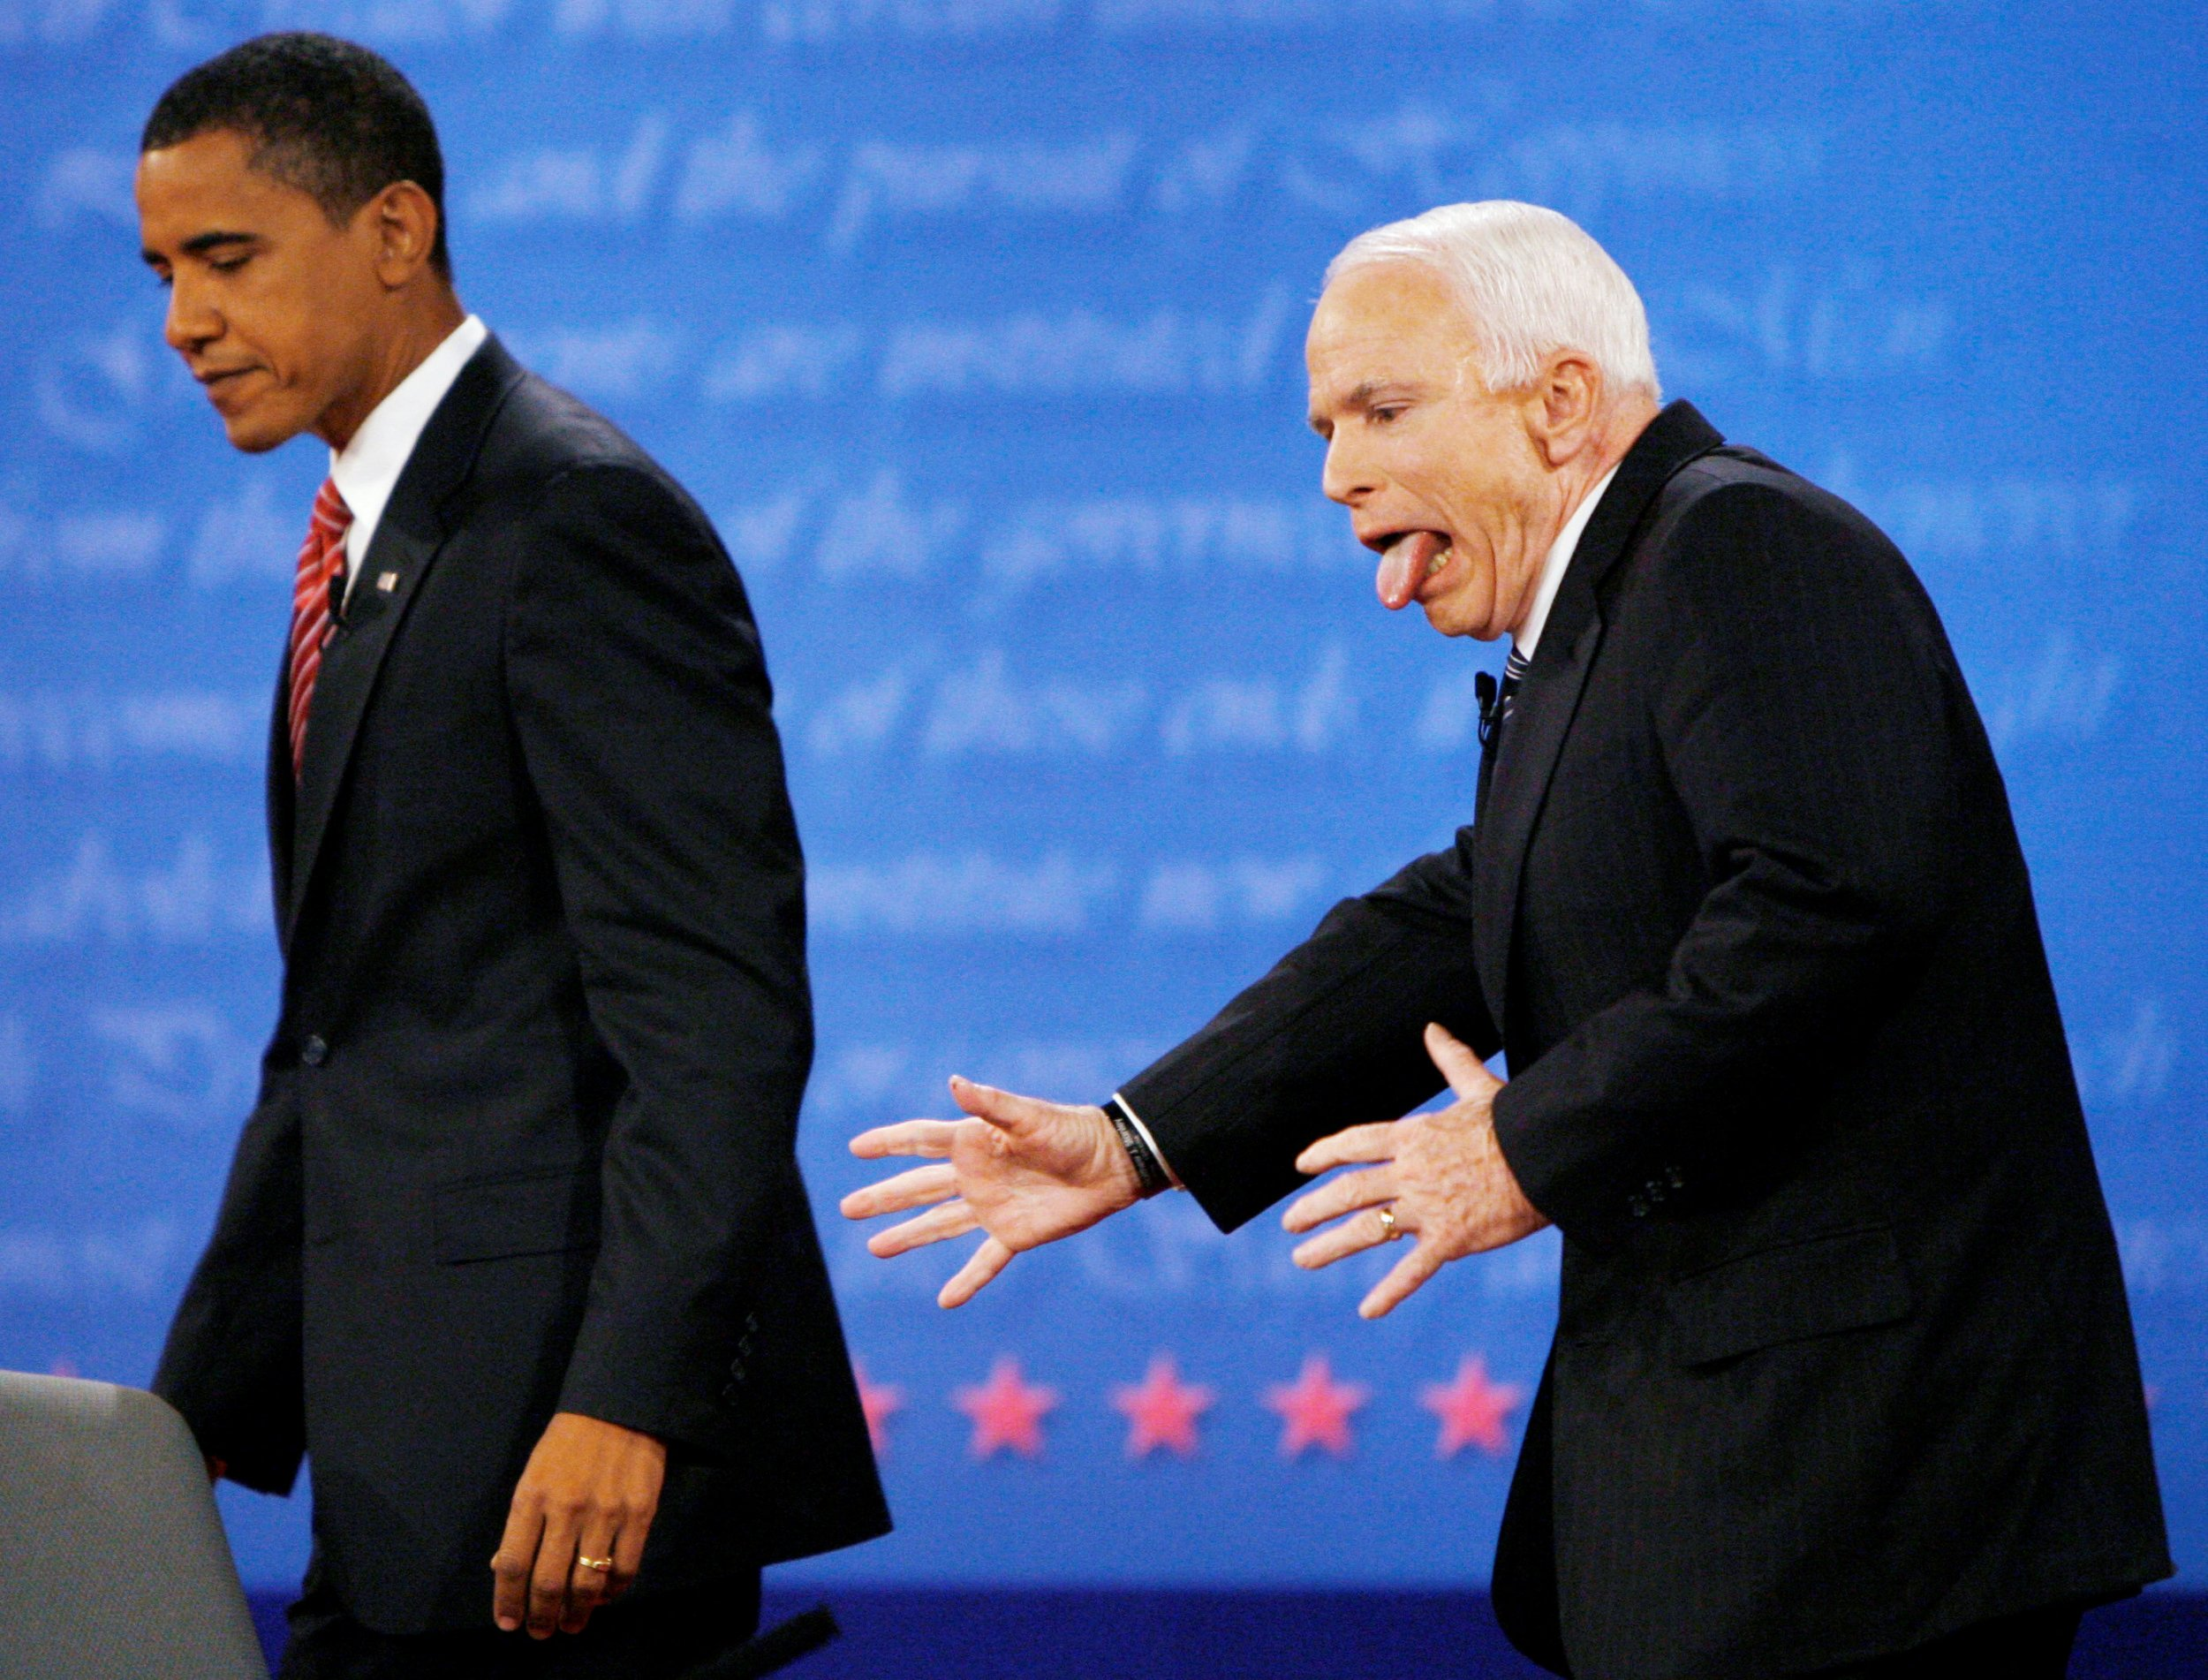 Открытки наступающим, угарные картинки с президентами